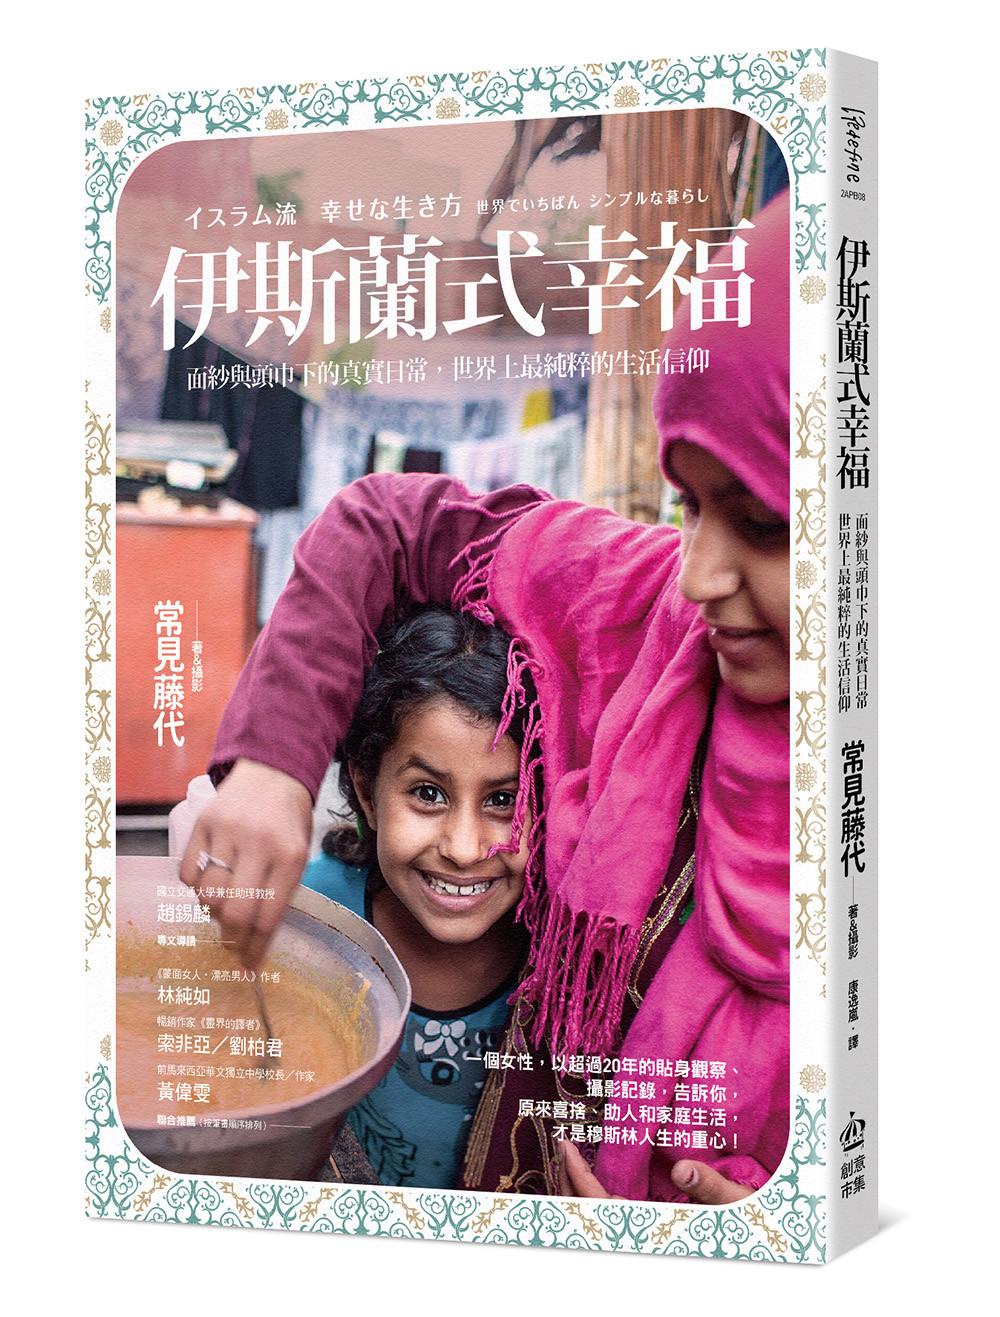 ▲伊斯蘭式幸福:面紗與頭巾下的真實日常,世界上最純粹的生活信仰(圖/業者PCuSER電腦人提供)